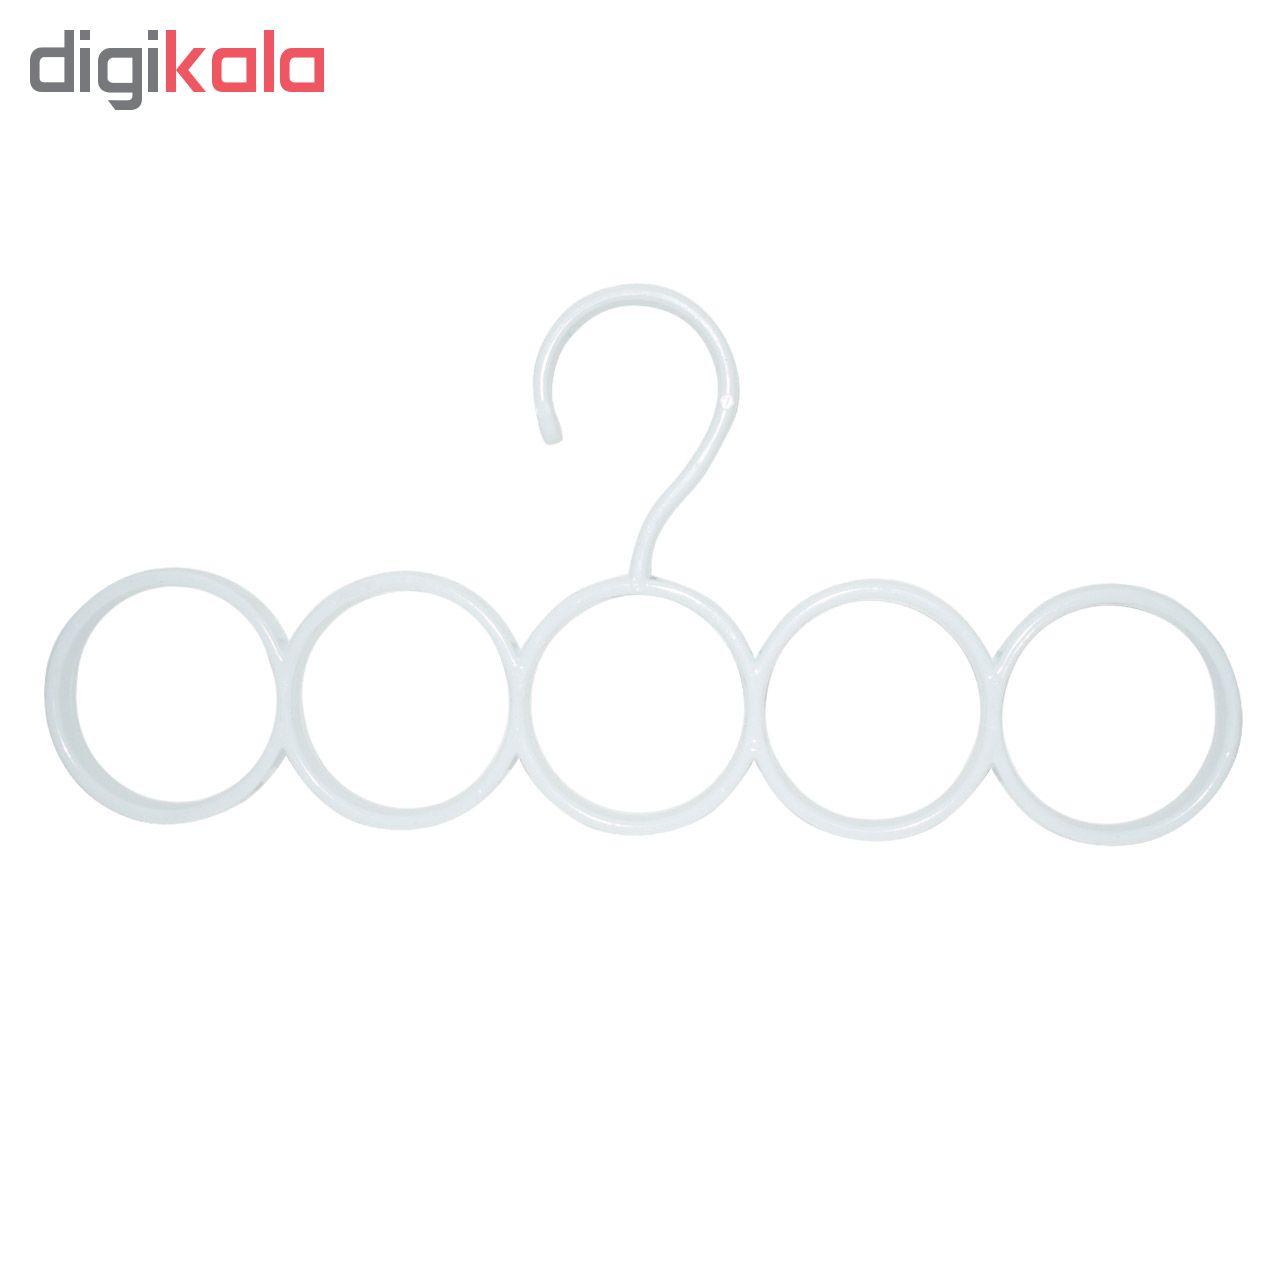 آویز شال و روسری مدل Circle 5  main 1 1